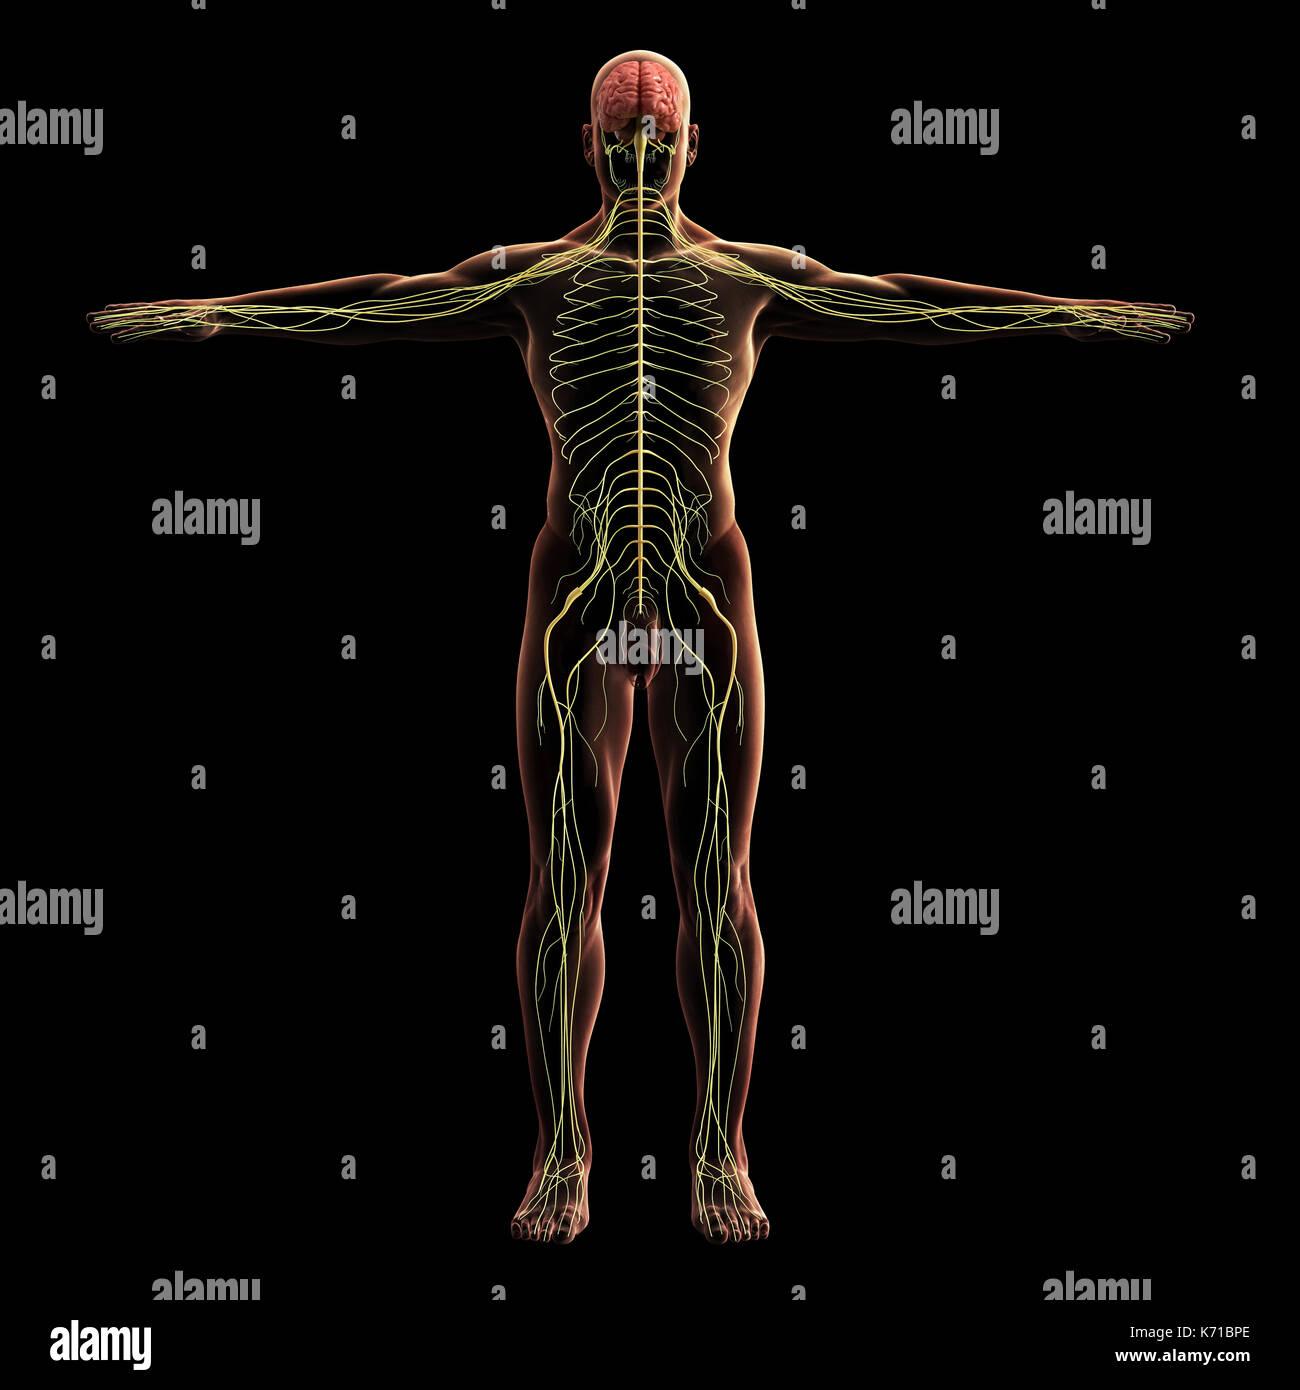 Digital Model Of Nervous System 3d Rendering Black Background